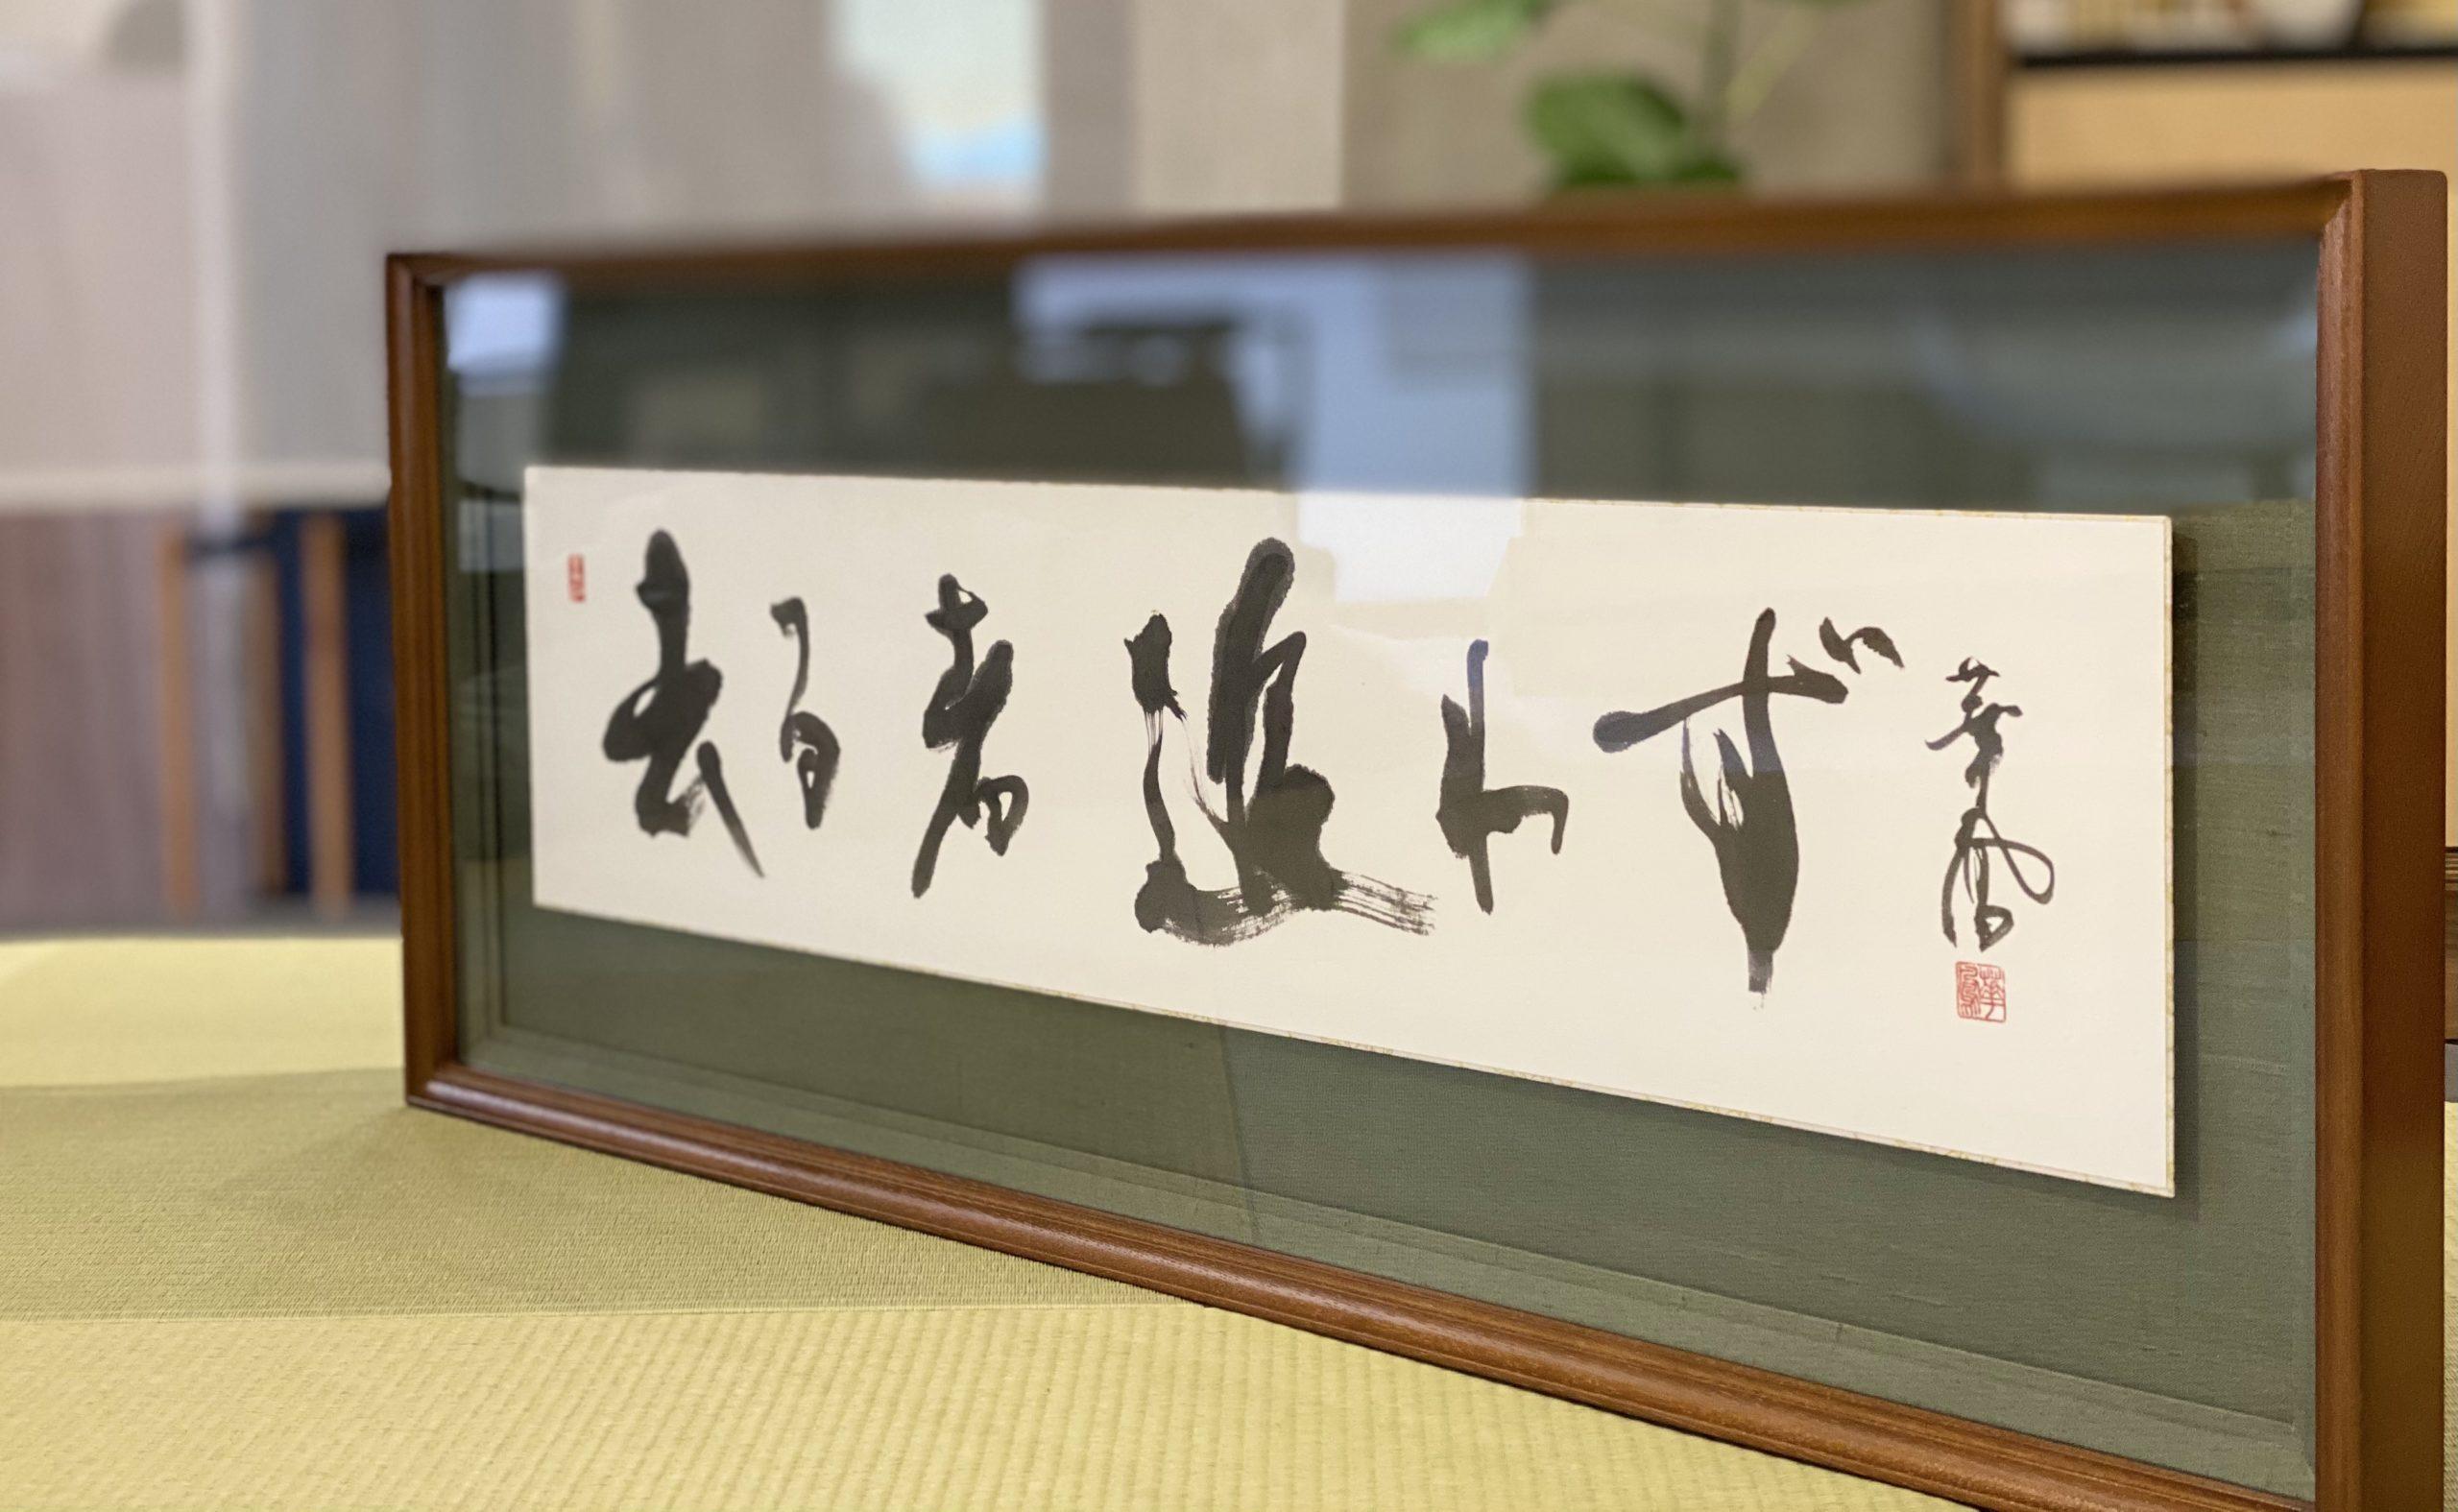 一点物書作品『去る者追わず』 | 札幌市中央区円山の会員制書道教室「華」